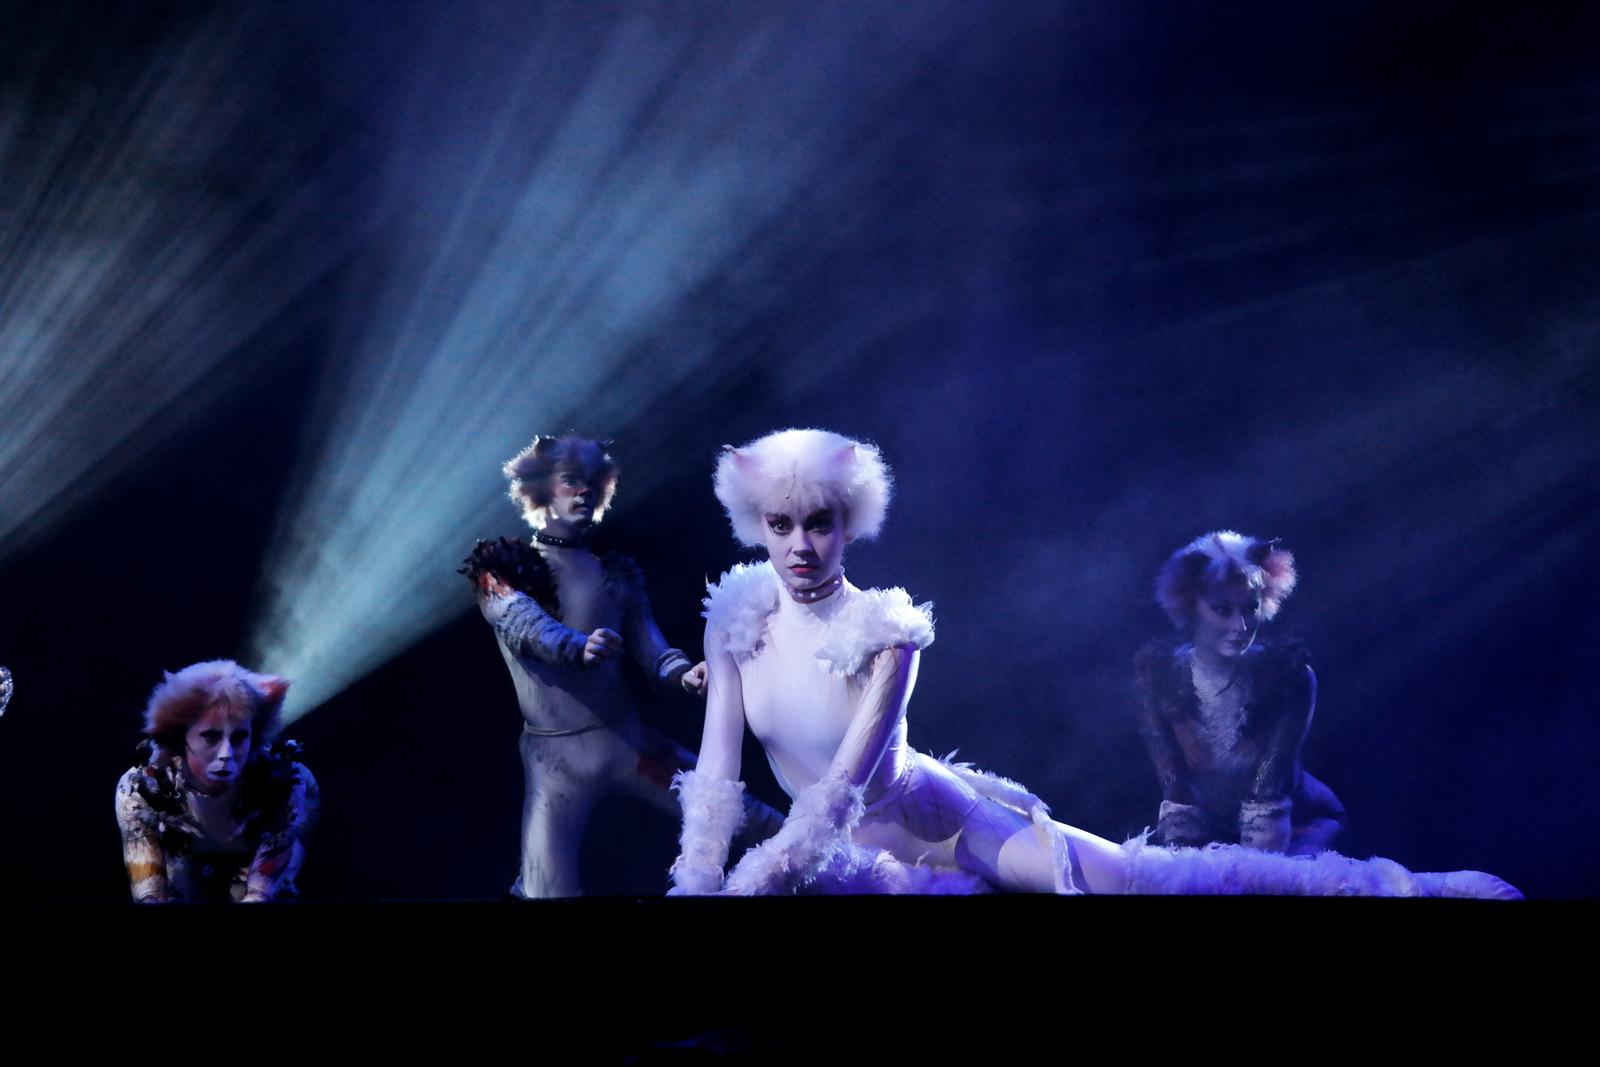 Cats le musical Théâtre Mogador comédie musicale culte avec la troupe made in London stage photo by United States of Paris blog